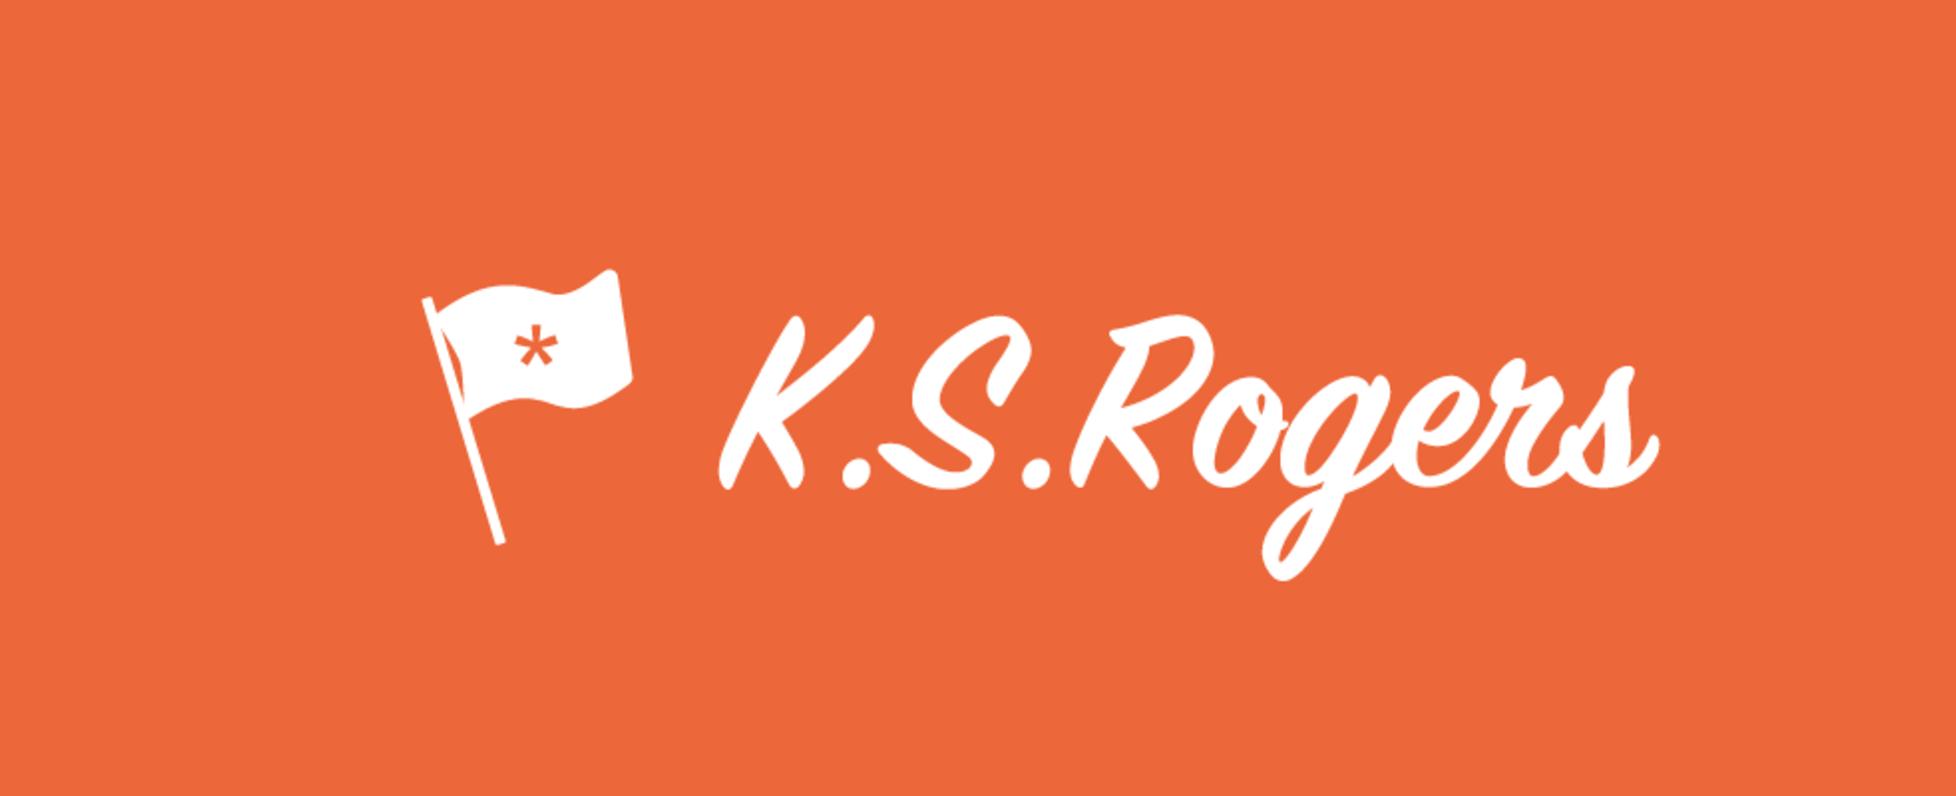 フルリモート・時間自由!エンジニアの自由な働き方を追求するK.S.ロジャースでのECサービスとマーケティングプラットフォームにおけるGo言語を使ったサーバーサイド開発